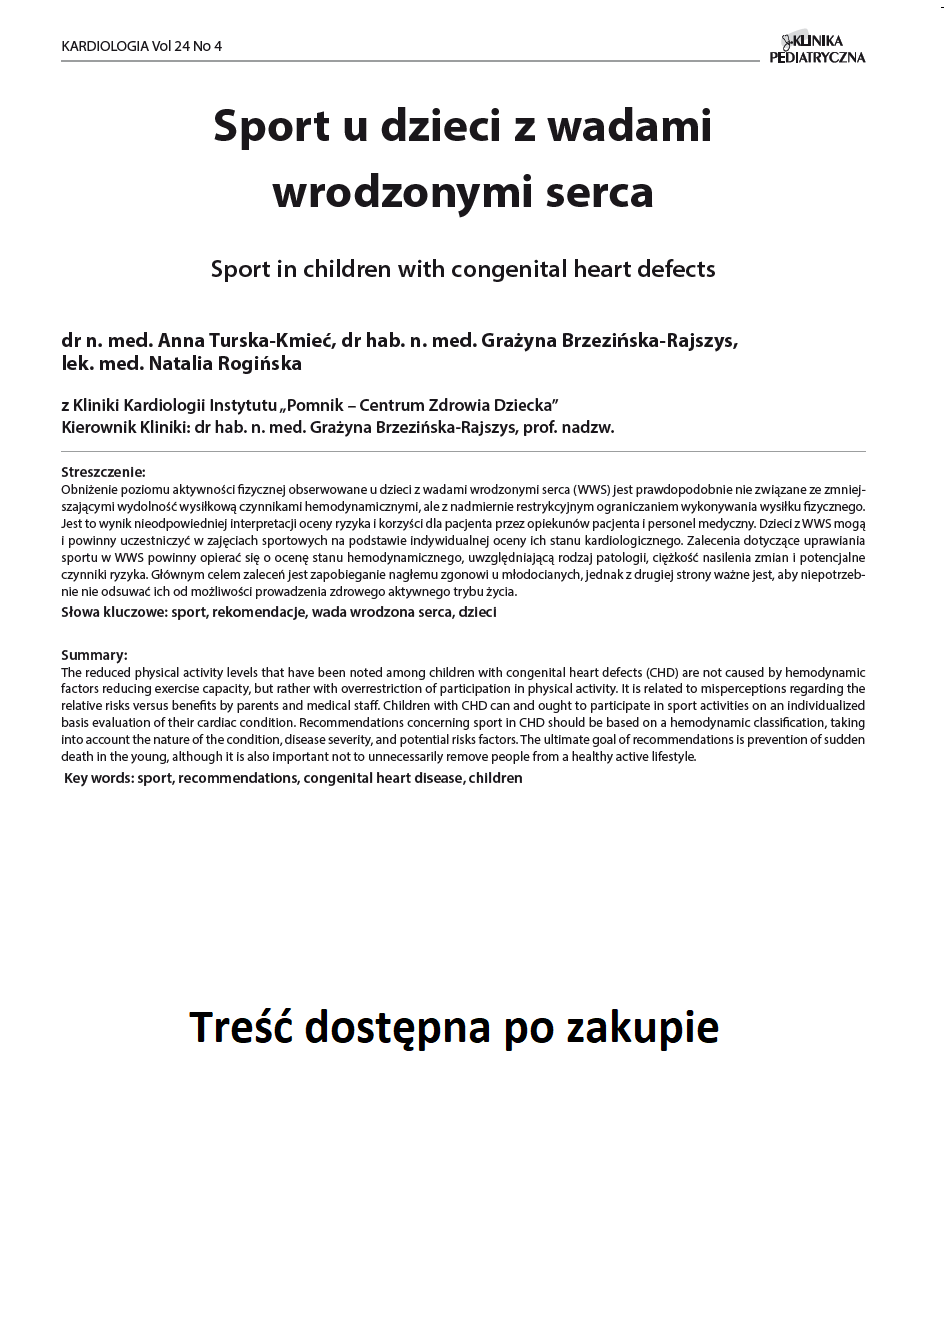 KP 4 -2016- Sport u dzieci z wadami wrodzonymi serca